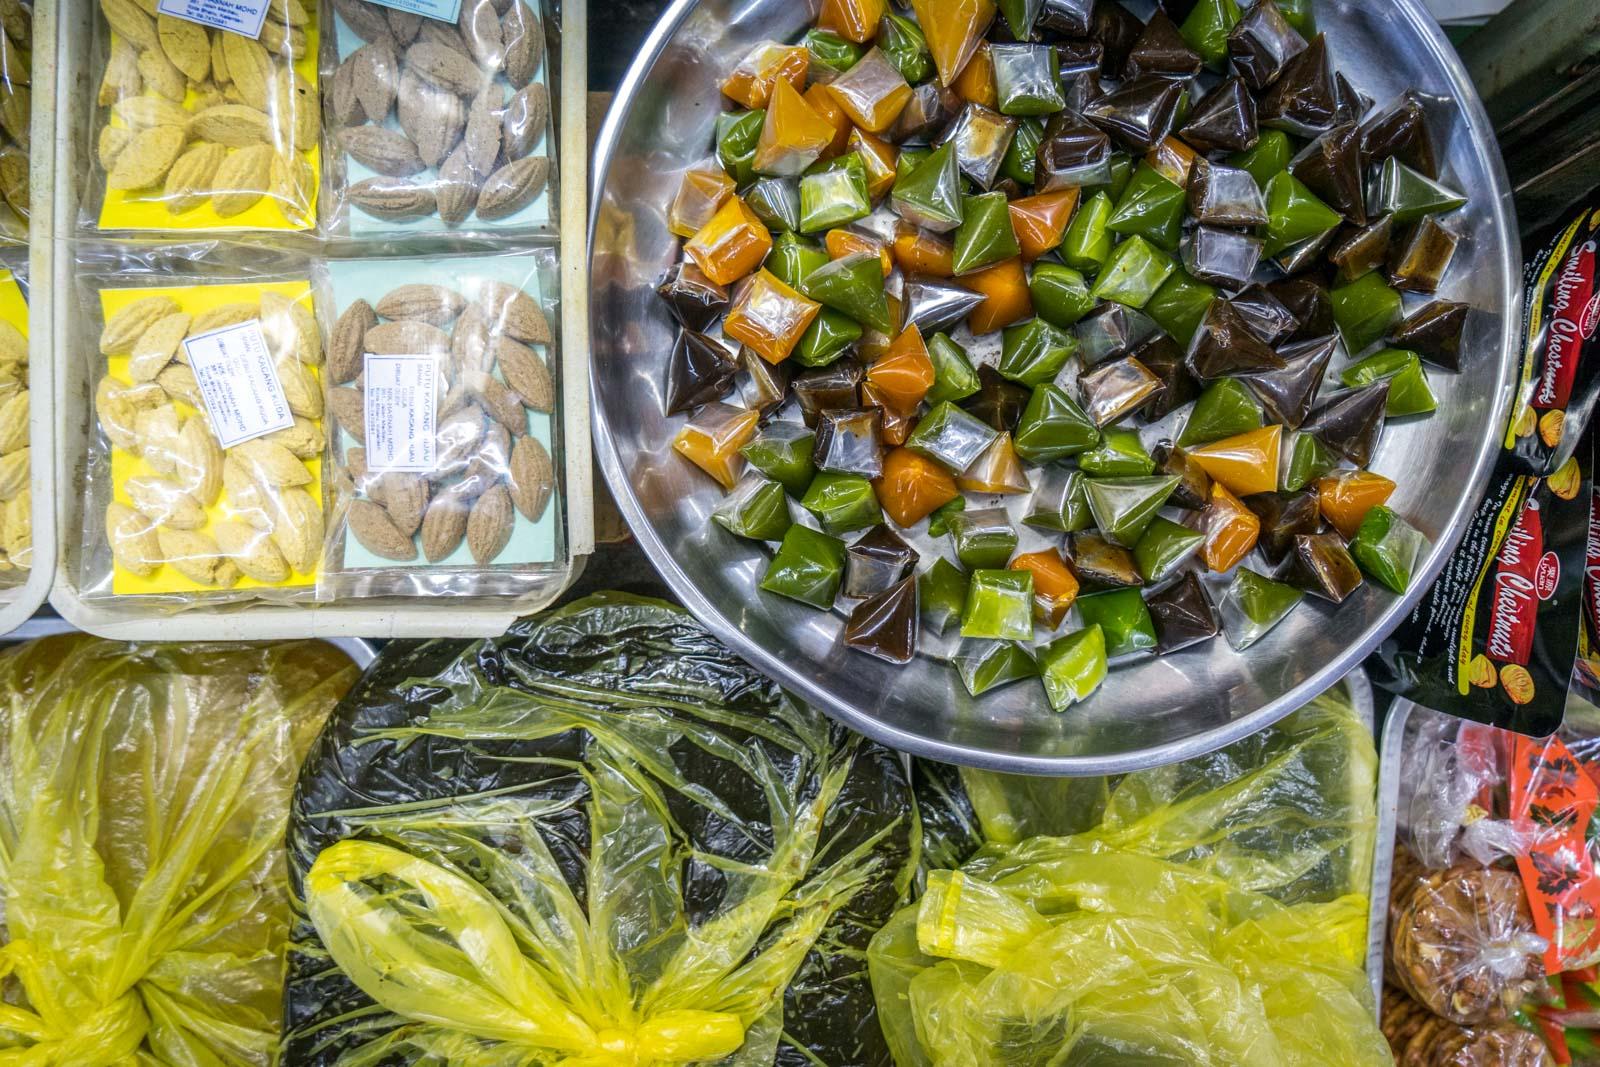 Pasar Besar market, Kota Bharu, Malaysia